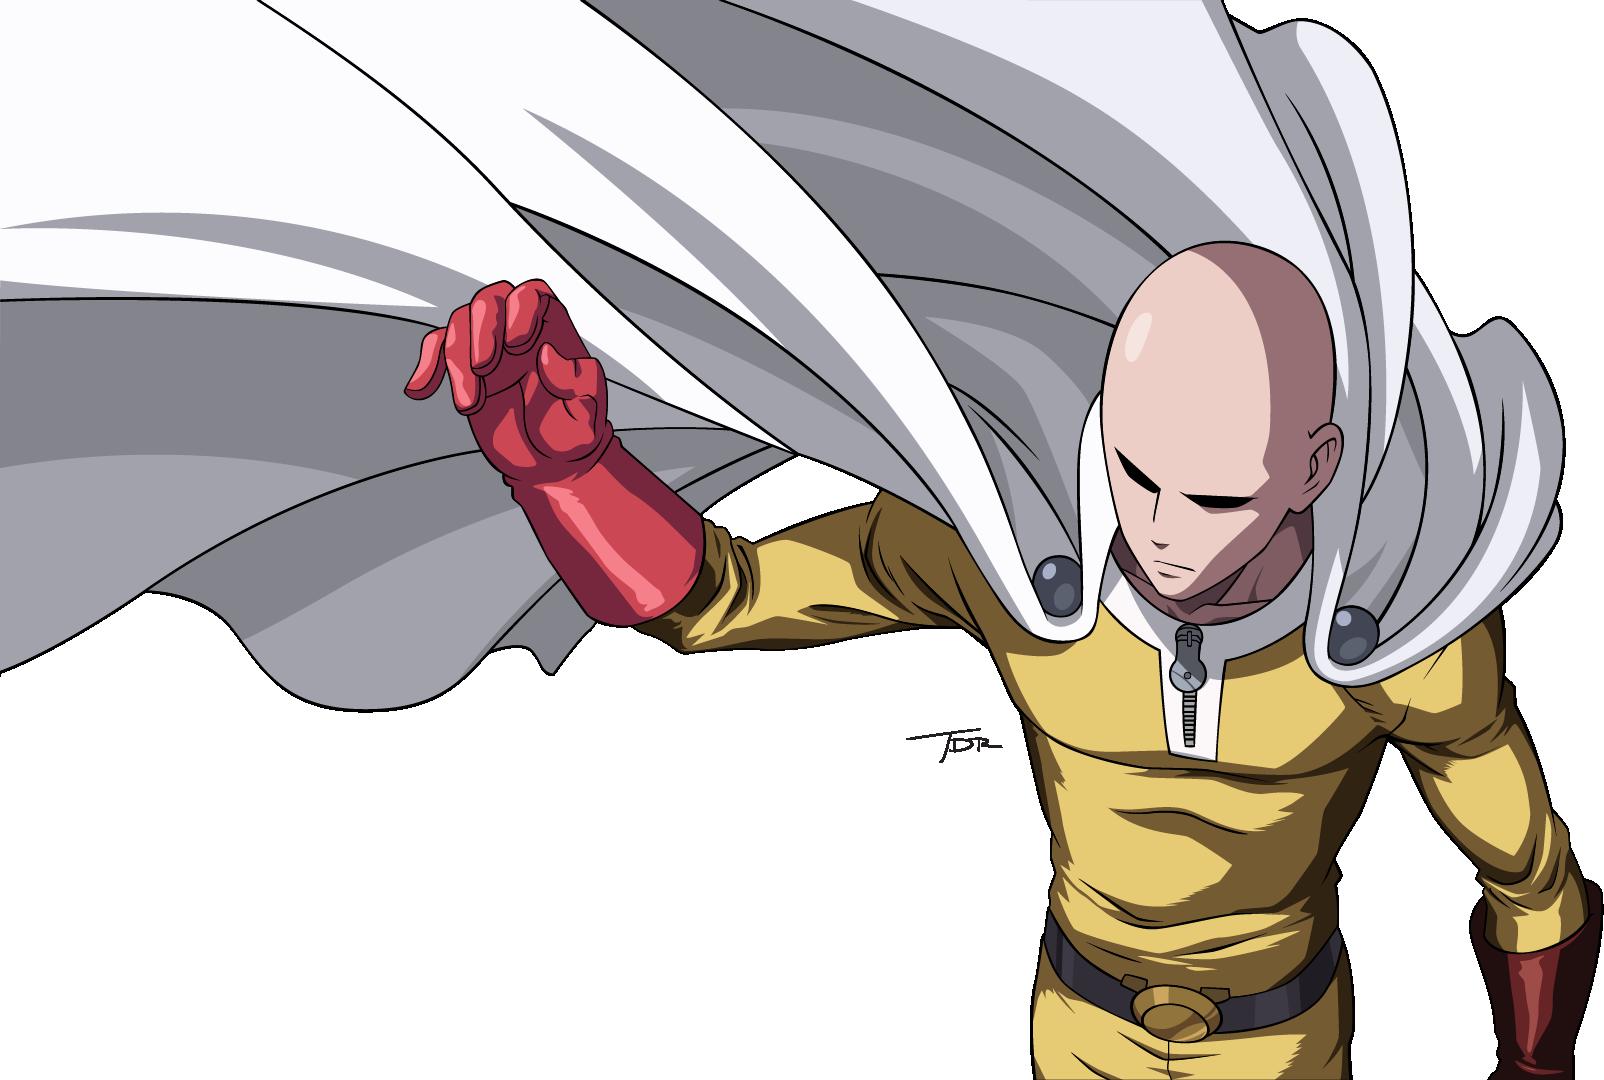 Saitama One Punch Man by truss31 on DeviantArt